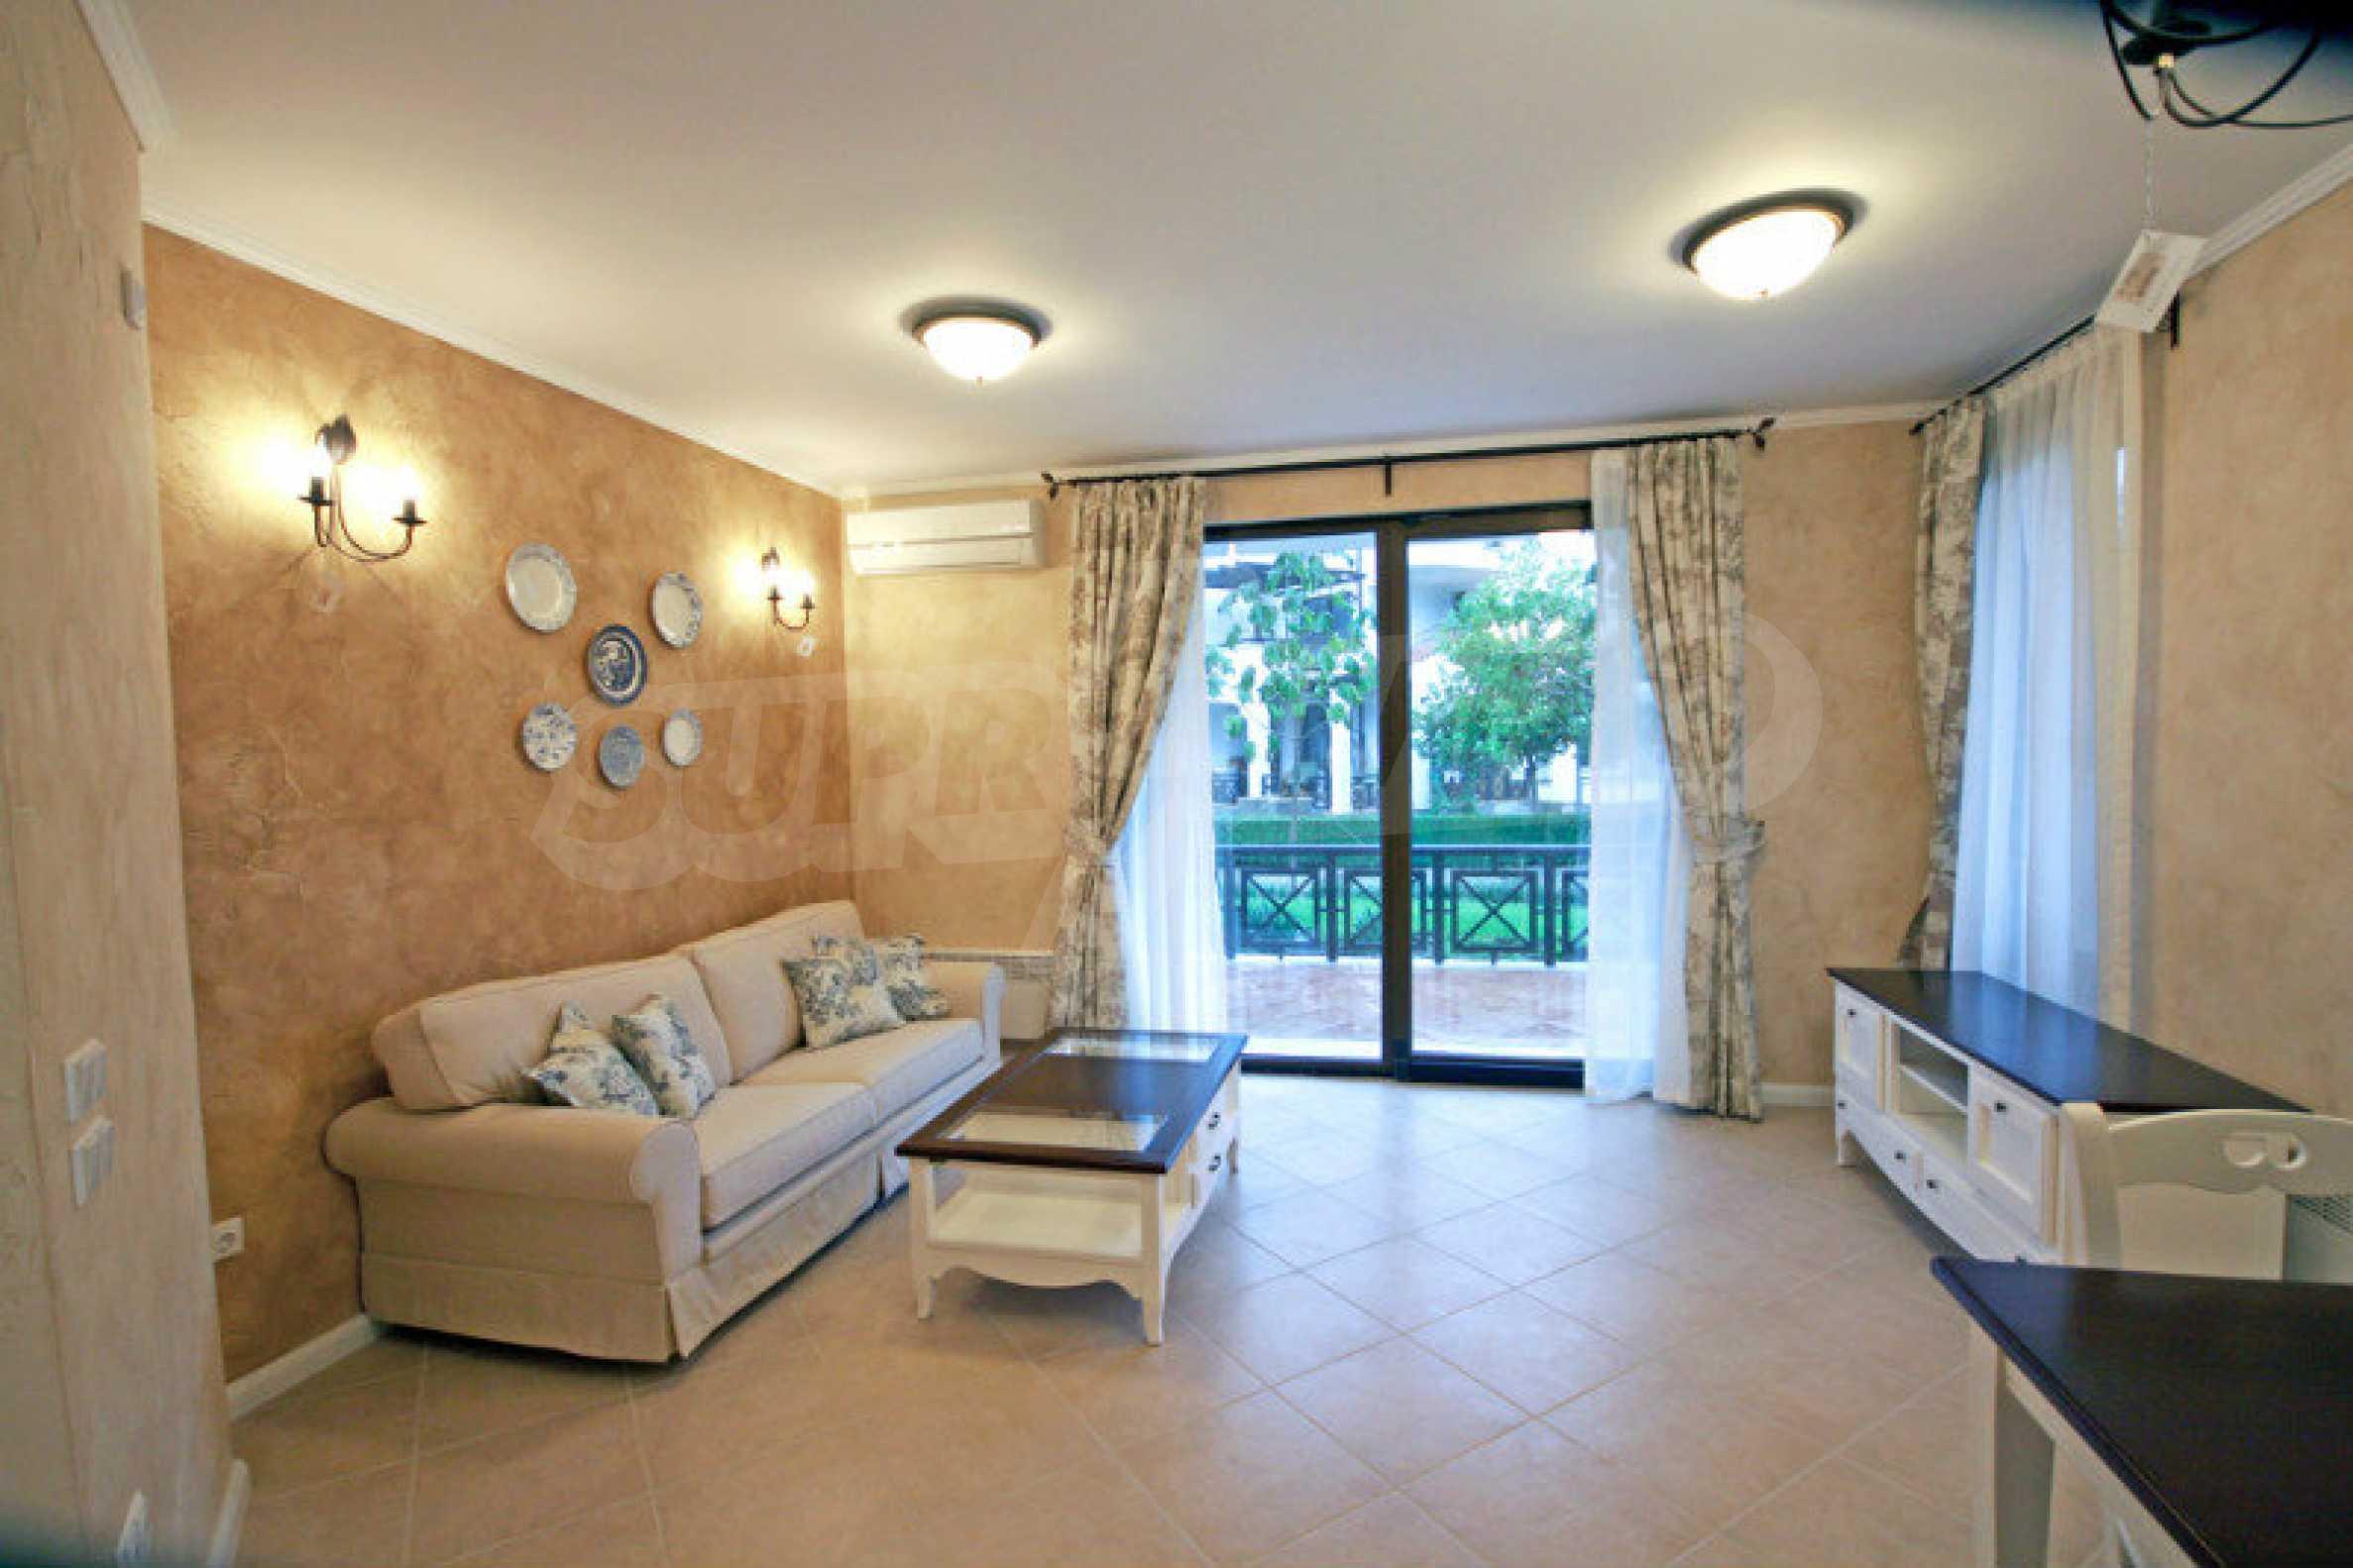 Двустаен апартамент в елитен комплекс на морето в Лозенец 1